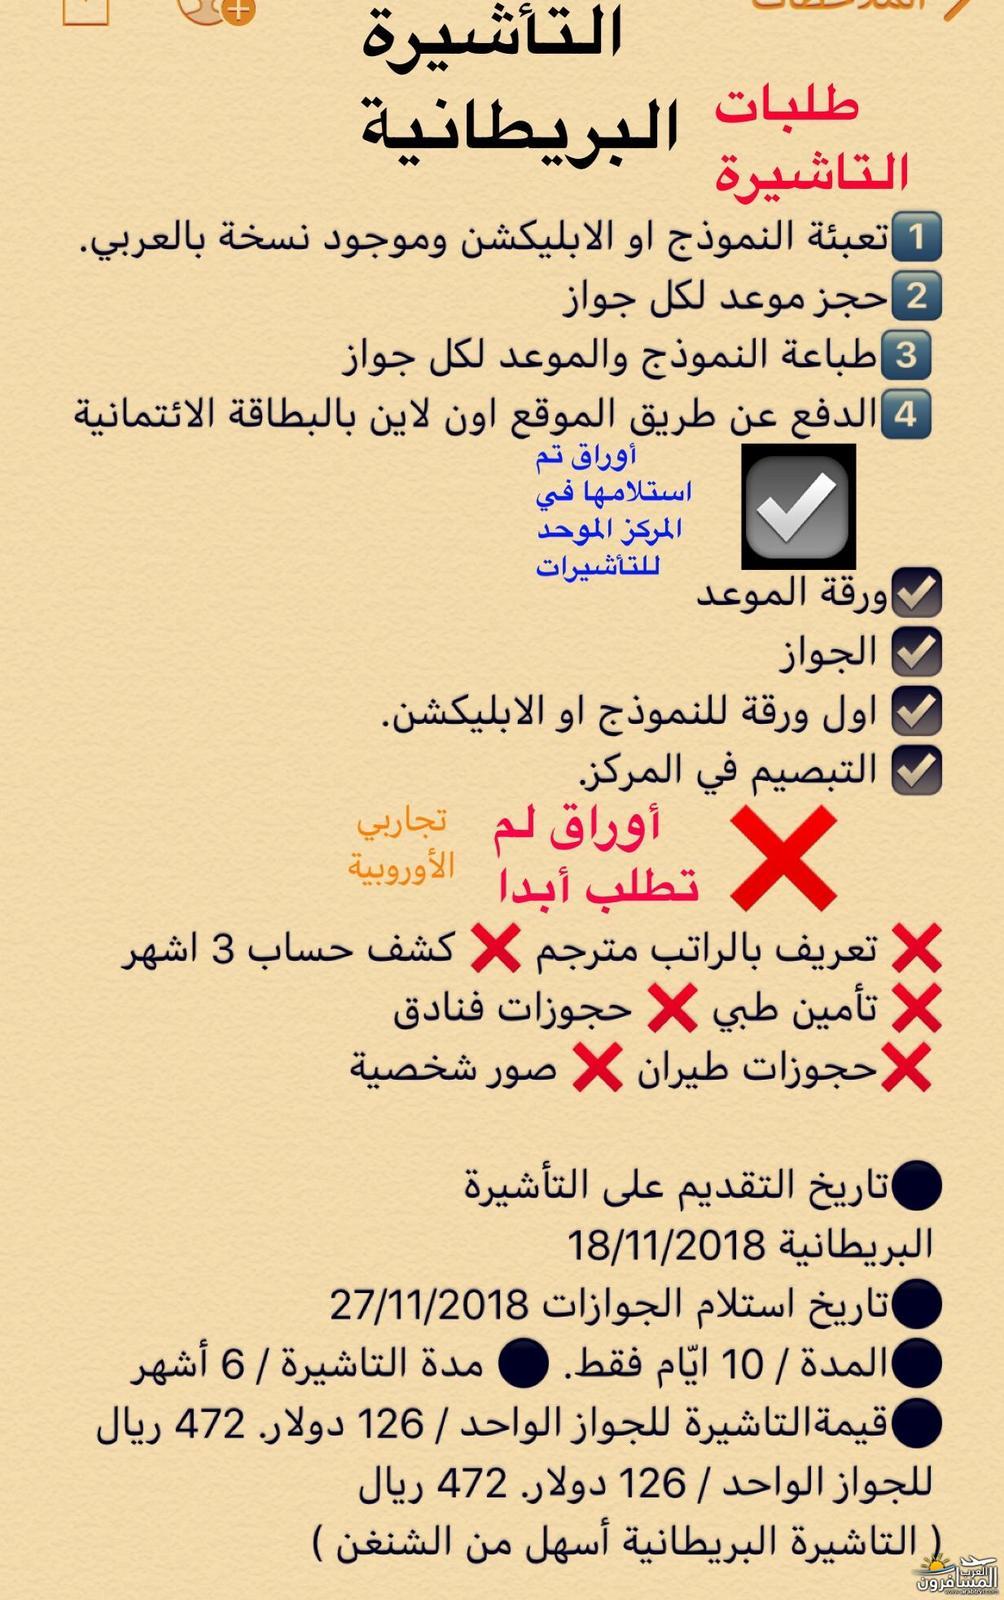 arabtrvl1543917302113.jpg